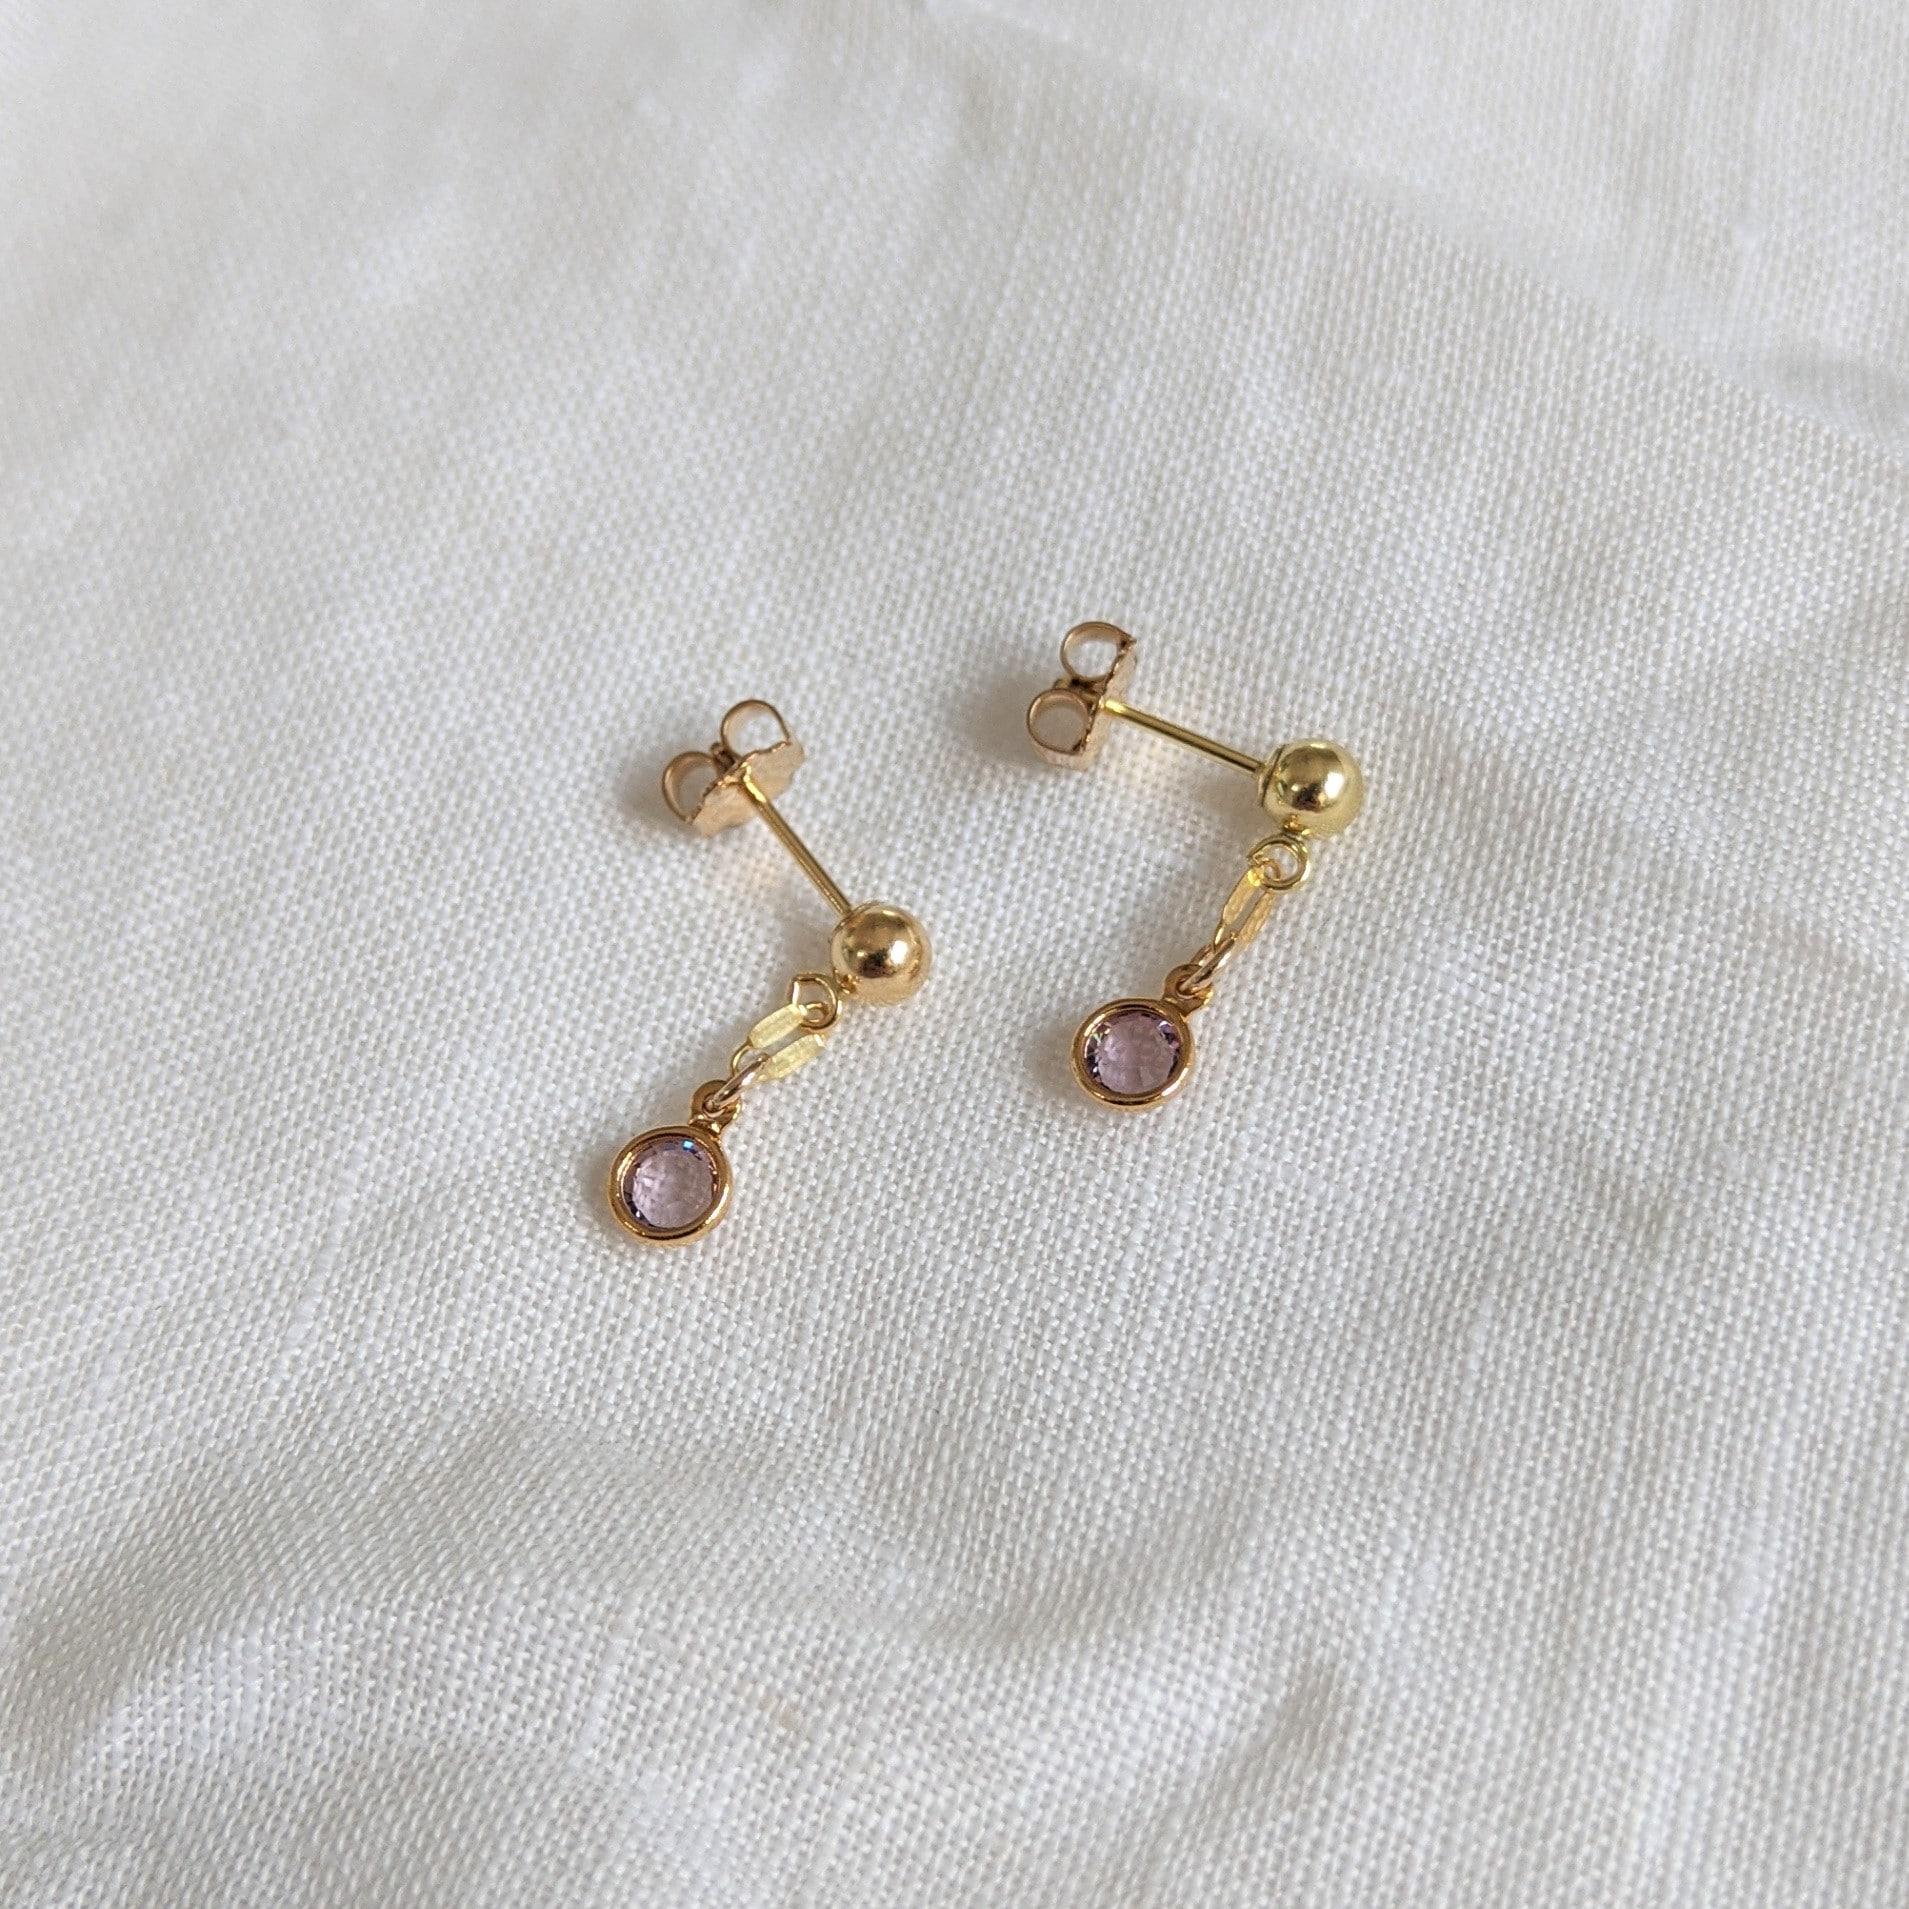 light-amethyst-gem-drop-earrings-in-14k-gold-filled-by-little-hangings-by-littlehangings